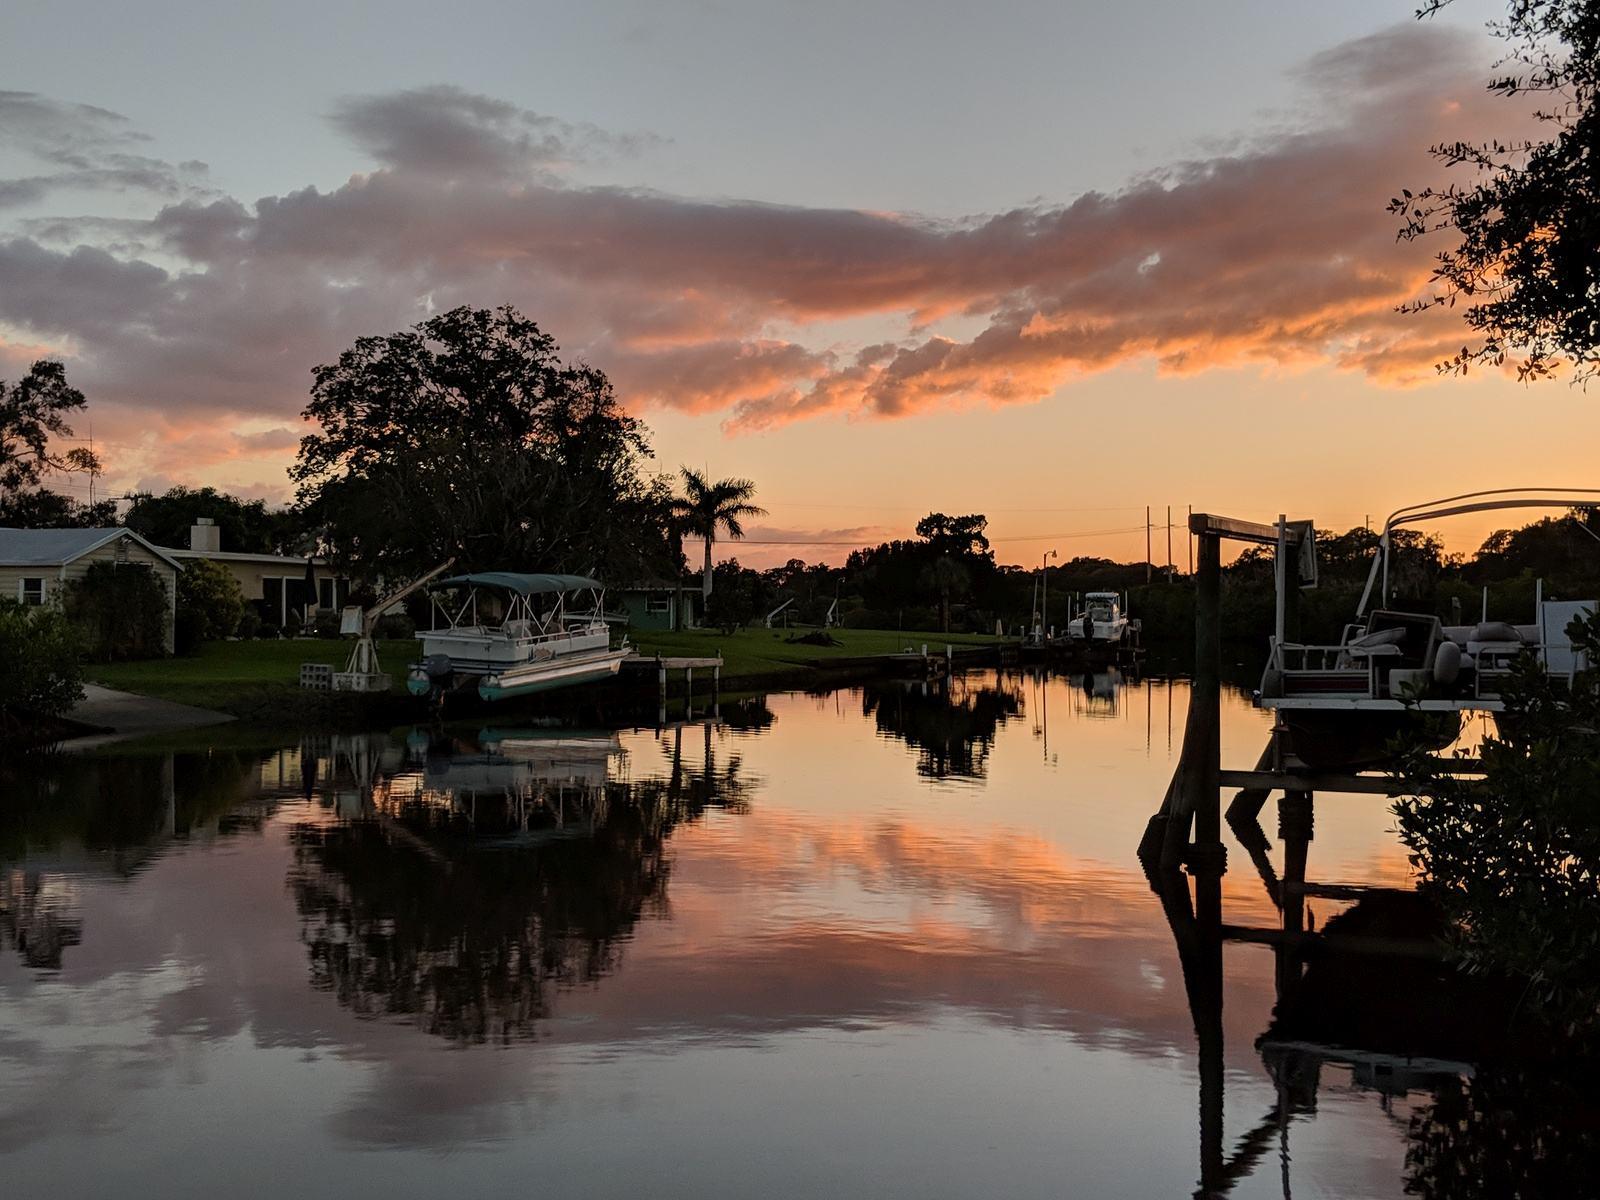 Braden River, Florida